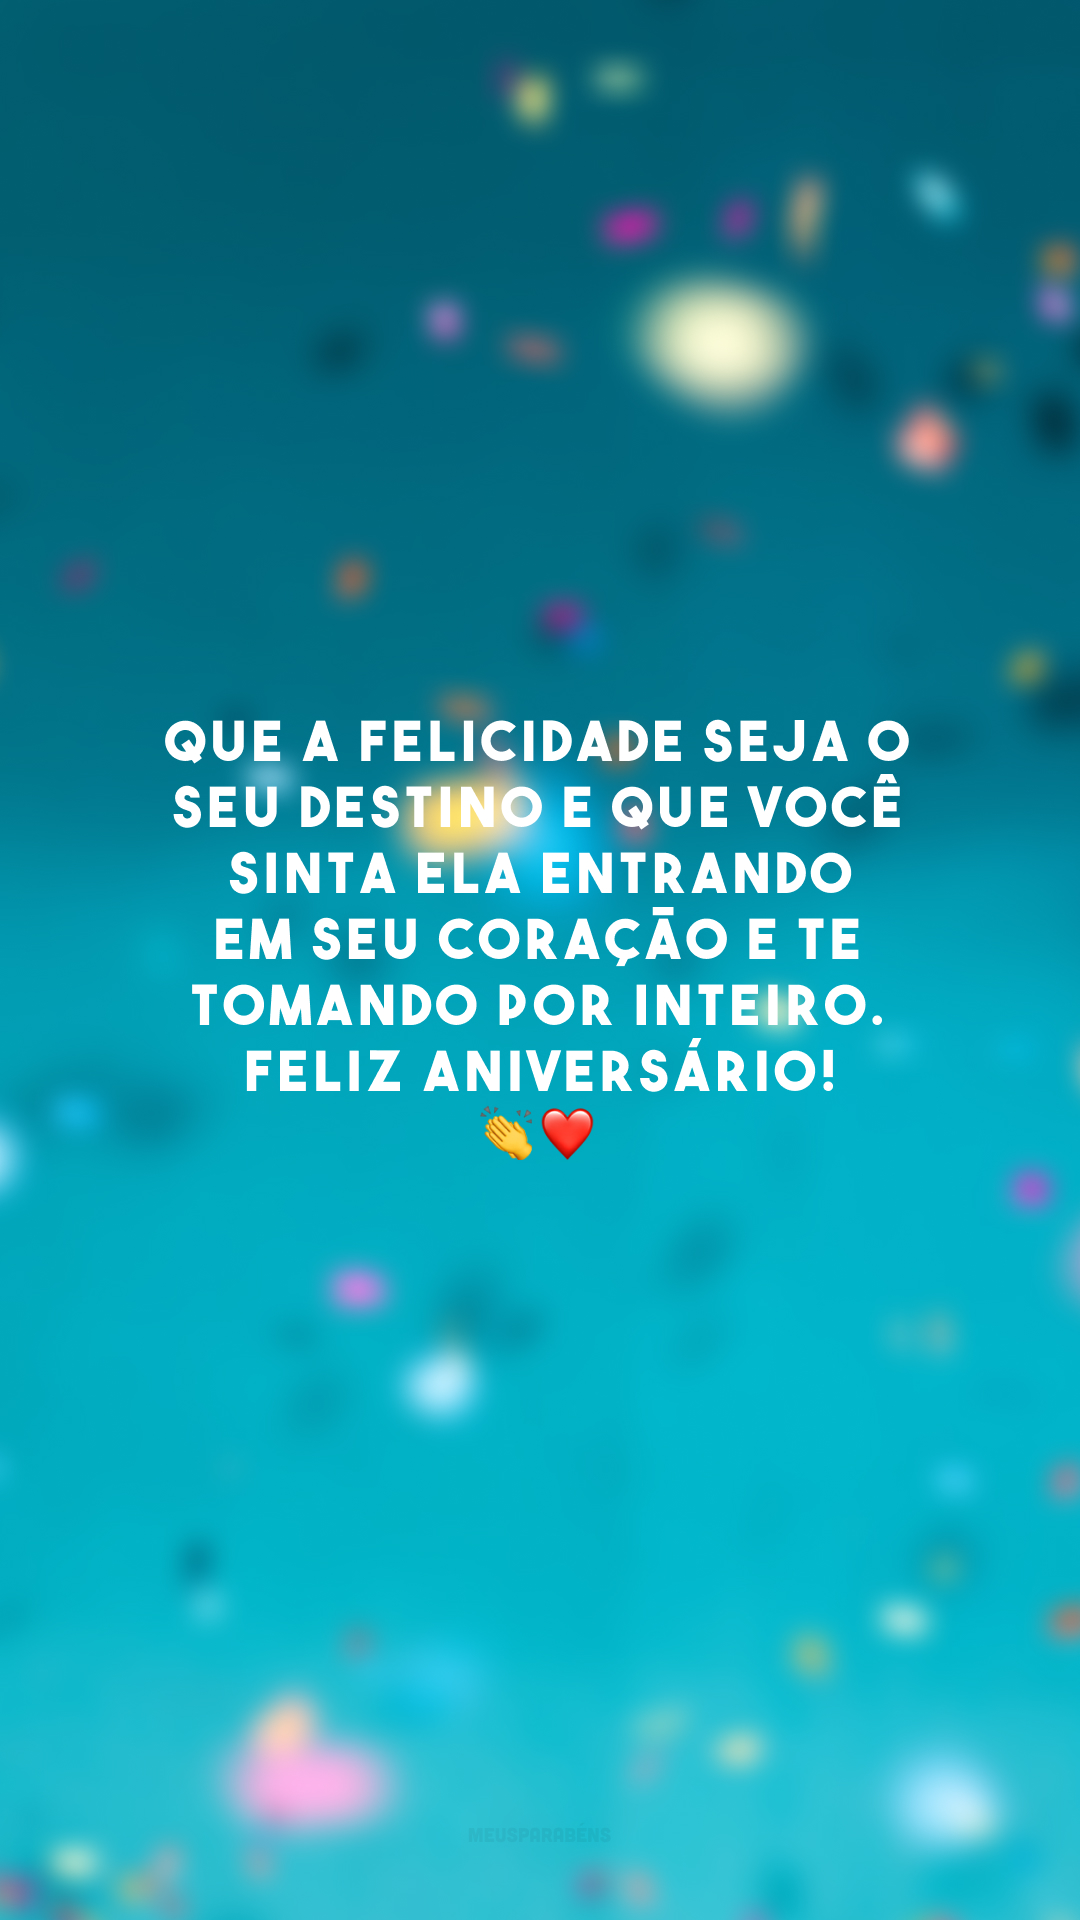 Que a felicidade seja o seu destino e que você sinta ela entrando em seu coração e te tomando por inteiro. Feliz aniversário! 👏❤️